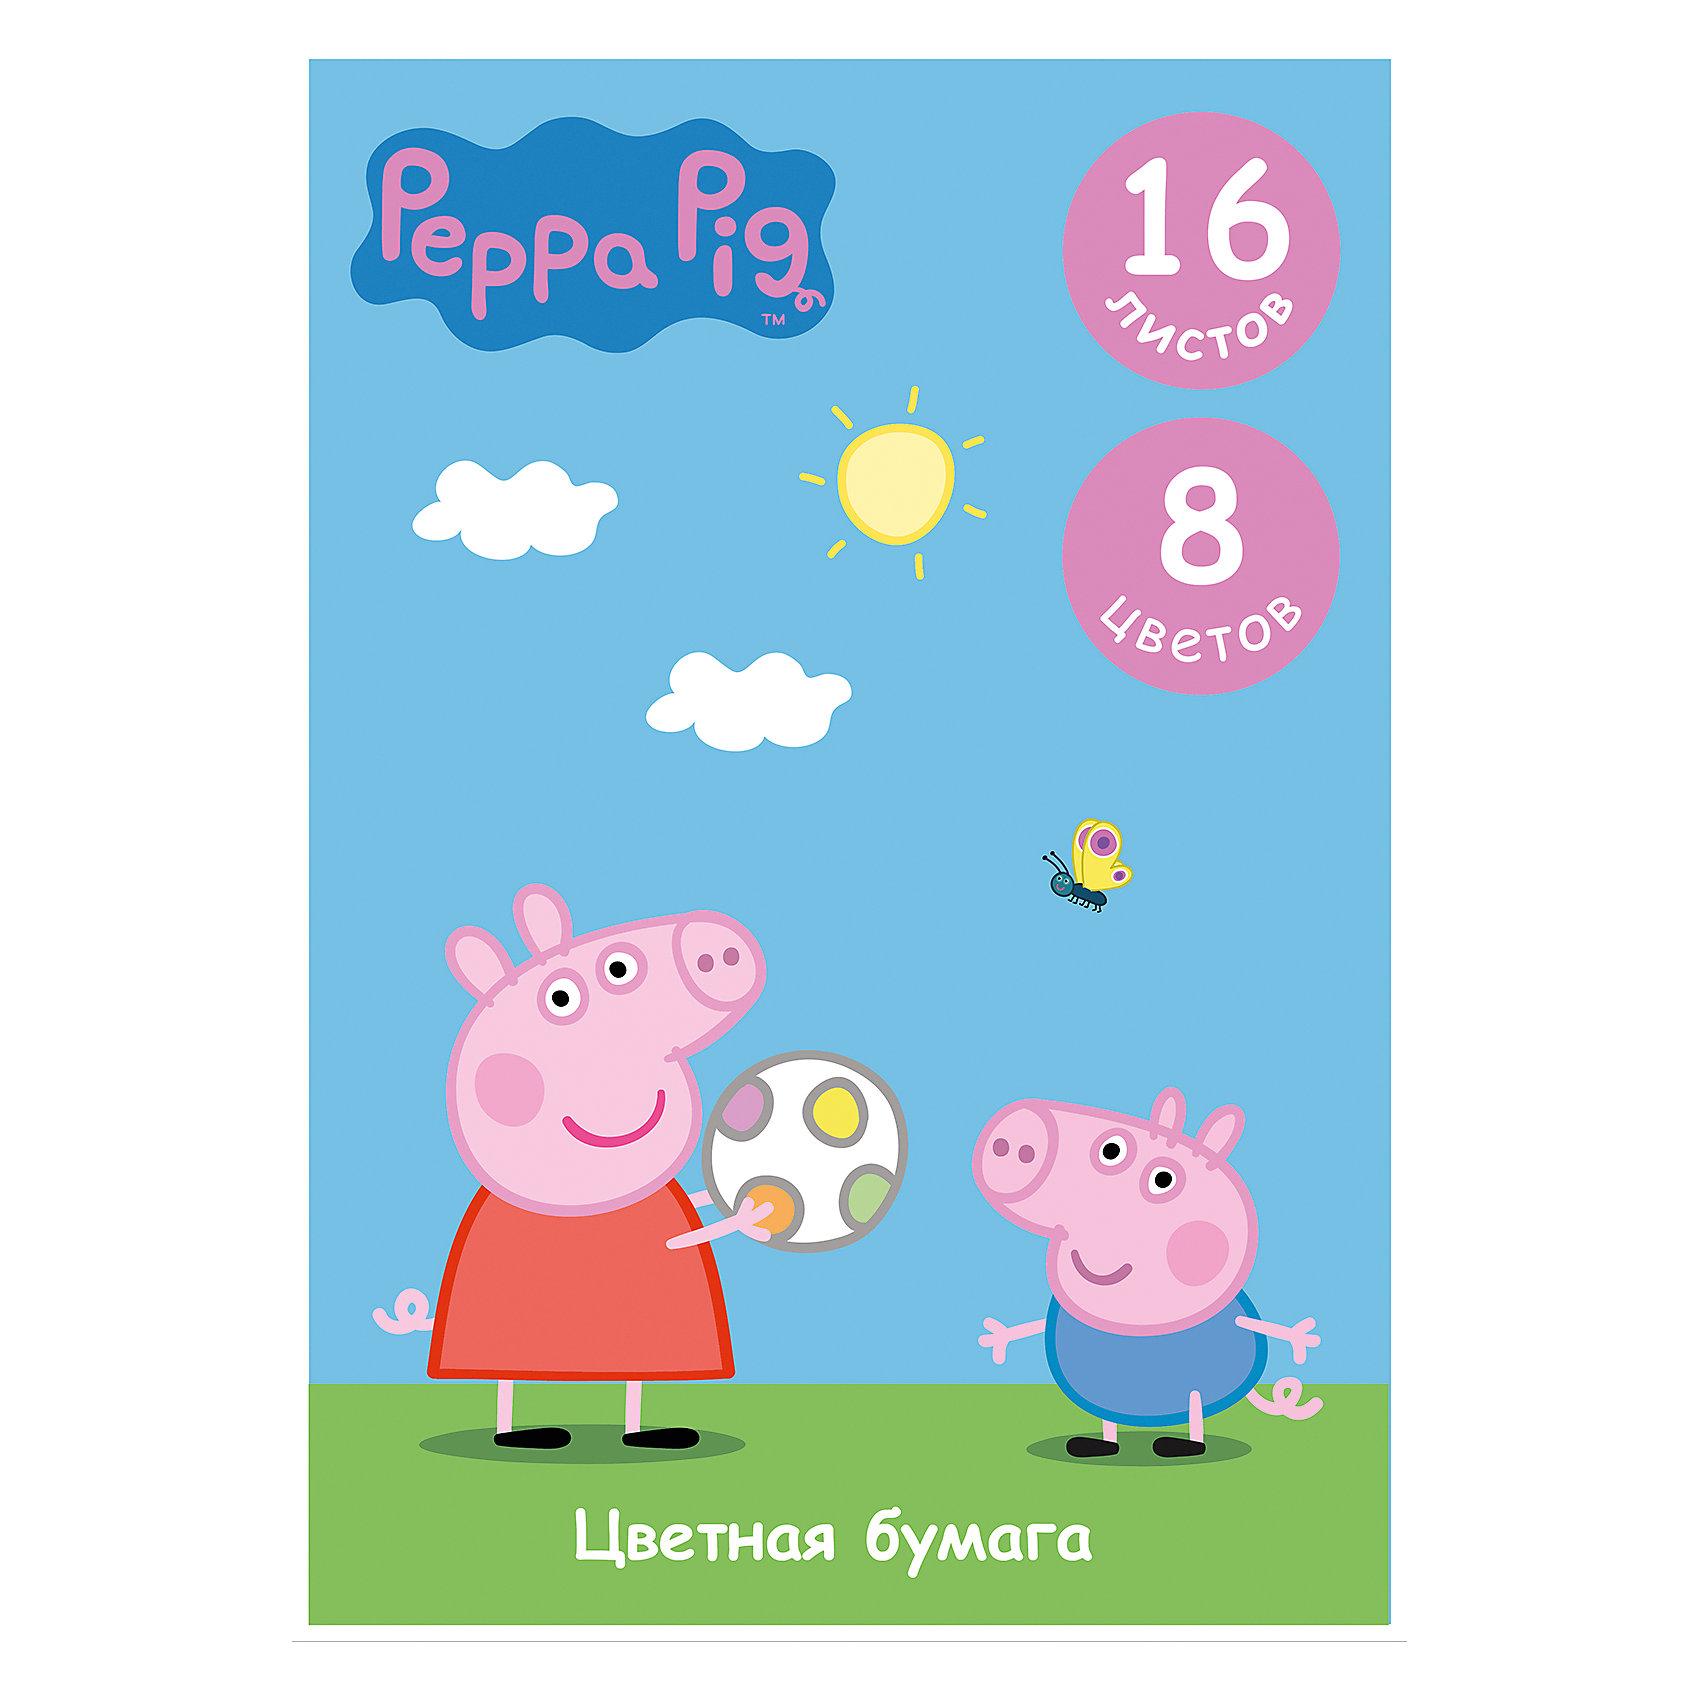 Цветная односторонняя бумага, 16 листов, 8 цветов,Свинка Пеппа, Peppa PigСвинка Пеппа<br>Характеристики цветной односторонней бумаги 16 листов, 8 цветов, Свинка Пеппа, Peppa Pig:<br><br>• возраст: от 3 лет<br>• герой: Свинка Пеппа<br>• пол: для мальчиков и девочек<br>• комплект: 16 листов цветной бумаги ( 8 цветов)<br>• состав : бумага<br>• формат: А4<br>• упаковка: картонный конверт<br>• размер упаковки: 29.2 x 0.2 x 20.5 см.<br>• бренд: Росмэн<br>• страна обладатель бренда: Россия.<br><br>Цветная бумага Свинка Пеппа формата А4 идеально подходит для детского творчества: создания аппликаций, оригами и других поделок. В упаковке 8 цветов (16 листов) мелованной бумаги с односторонней печатью: желтый, оранжевый, красный, синий, зеленый, фиолетовый, коричневый, черный. Упаковка: папка (29,4х20,5х0,4 см) с двумя клапанами, выполненная из мелованного картона с глянцевым лаком.<br><br>Цветную одностороннюю бумагу 16 листов, 8 цветов, Свинка Пеппа от бренда Росмэн можно купить в нашем интернет-магазине.<br><br>Ширина мм: 292<br>Глубина мм: 205<br>Высота мм: 20<br>Вес г: 108<br>Возраст от месяцев: 36<br>Возраст до месяцев: 2147483647<br>Пол: Унисекс<br>Возраст: Детский<br>SKU: 5453352